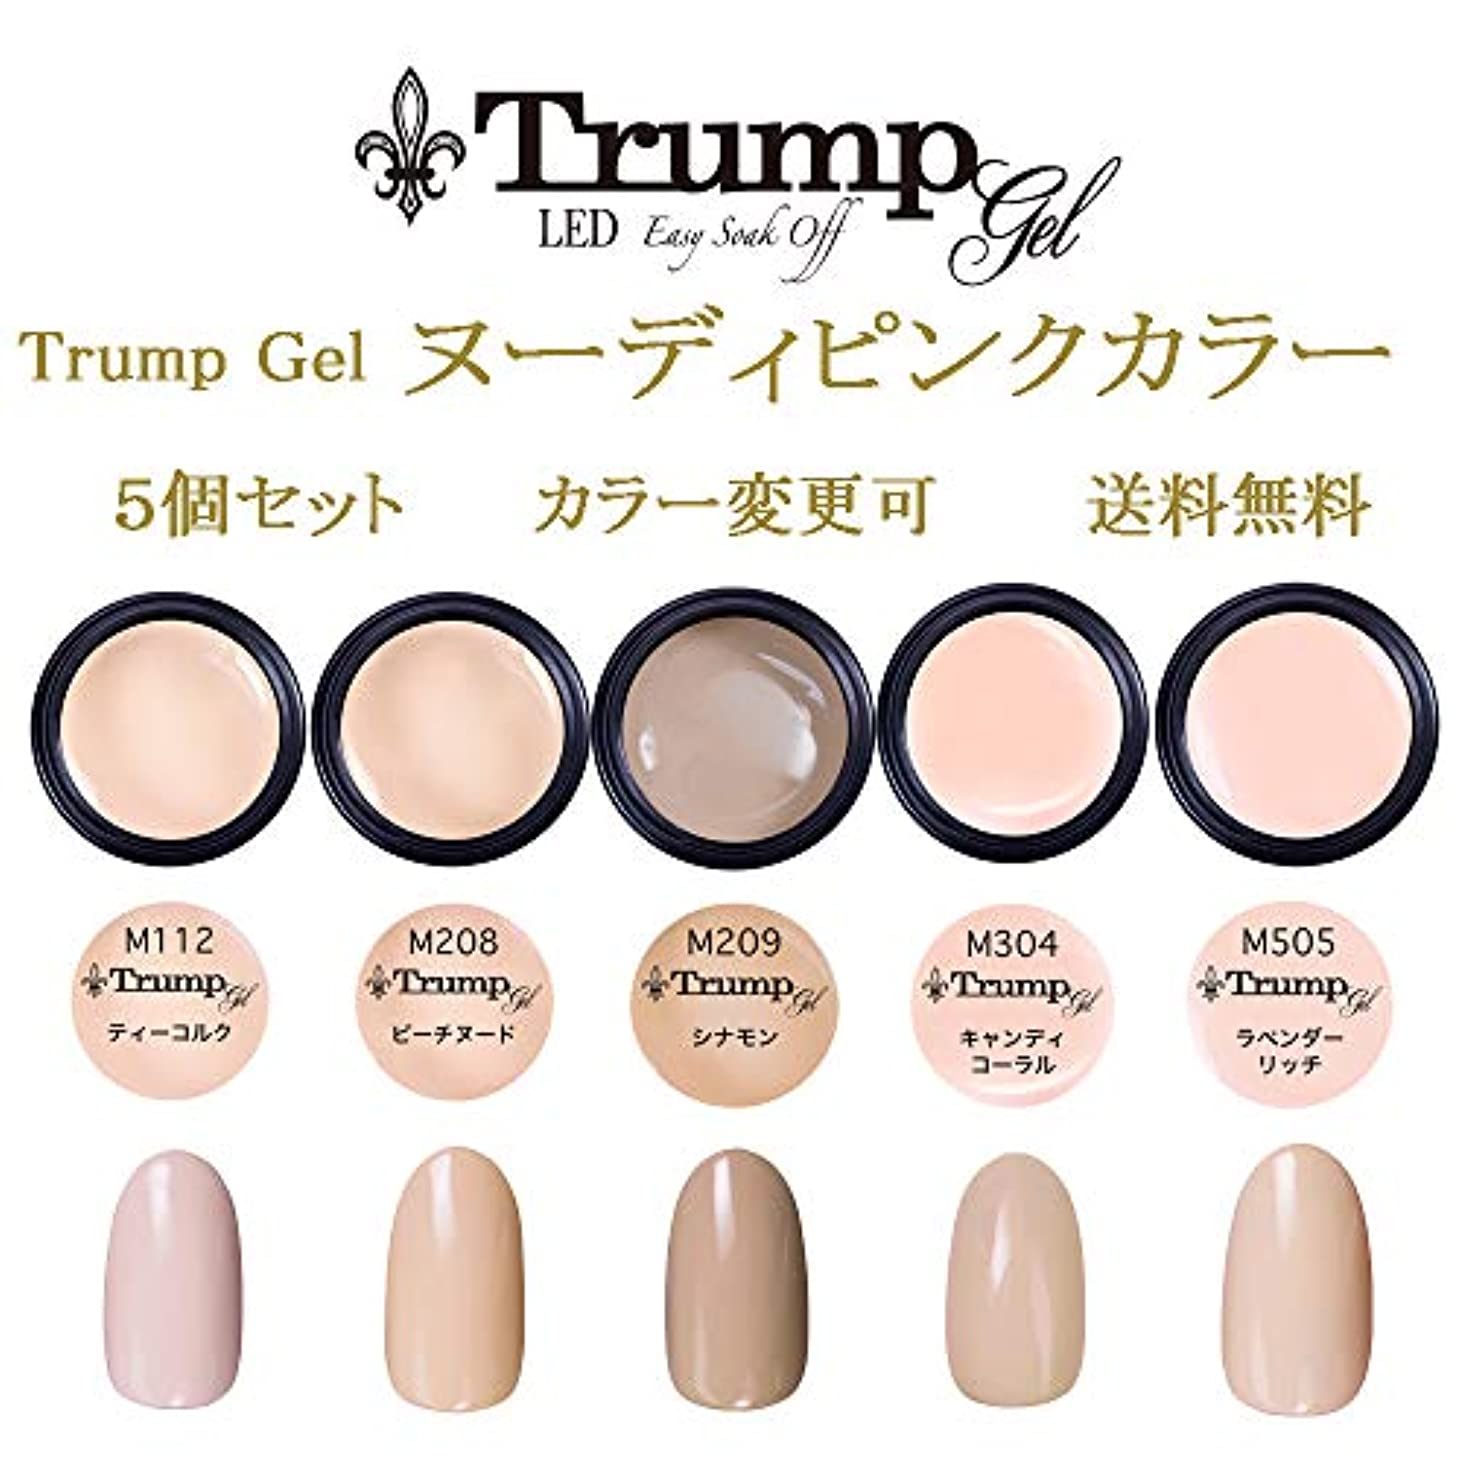 モデレータ境界技術的な日本製 Trump gel トランプジェル ヌーディピンク 選べる カラージェル 5個セット ピンク ベージュ ヌーディカラー